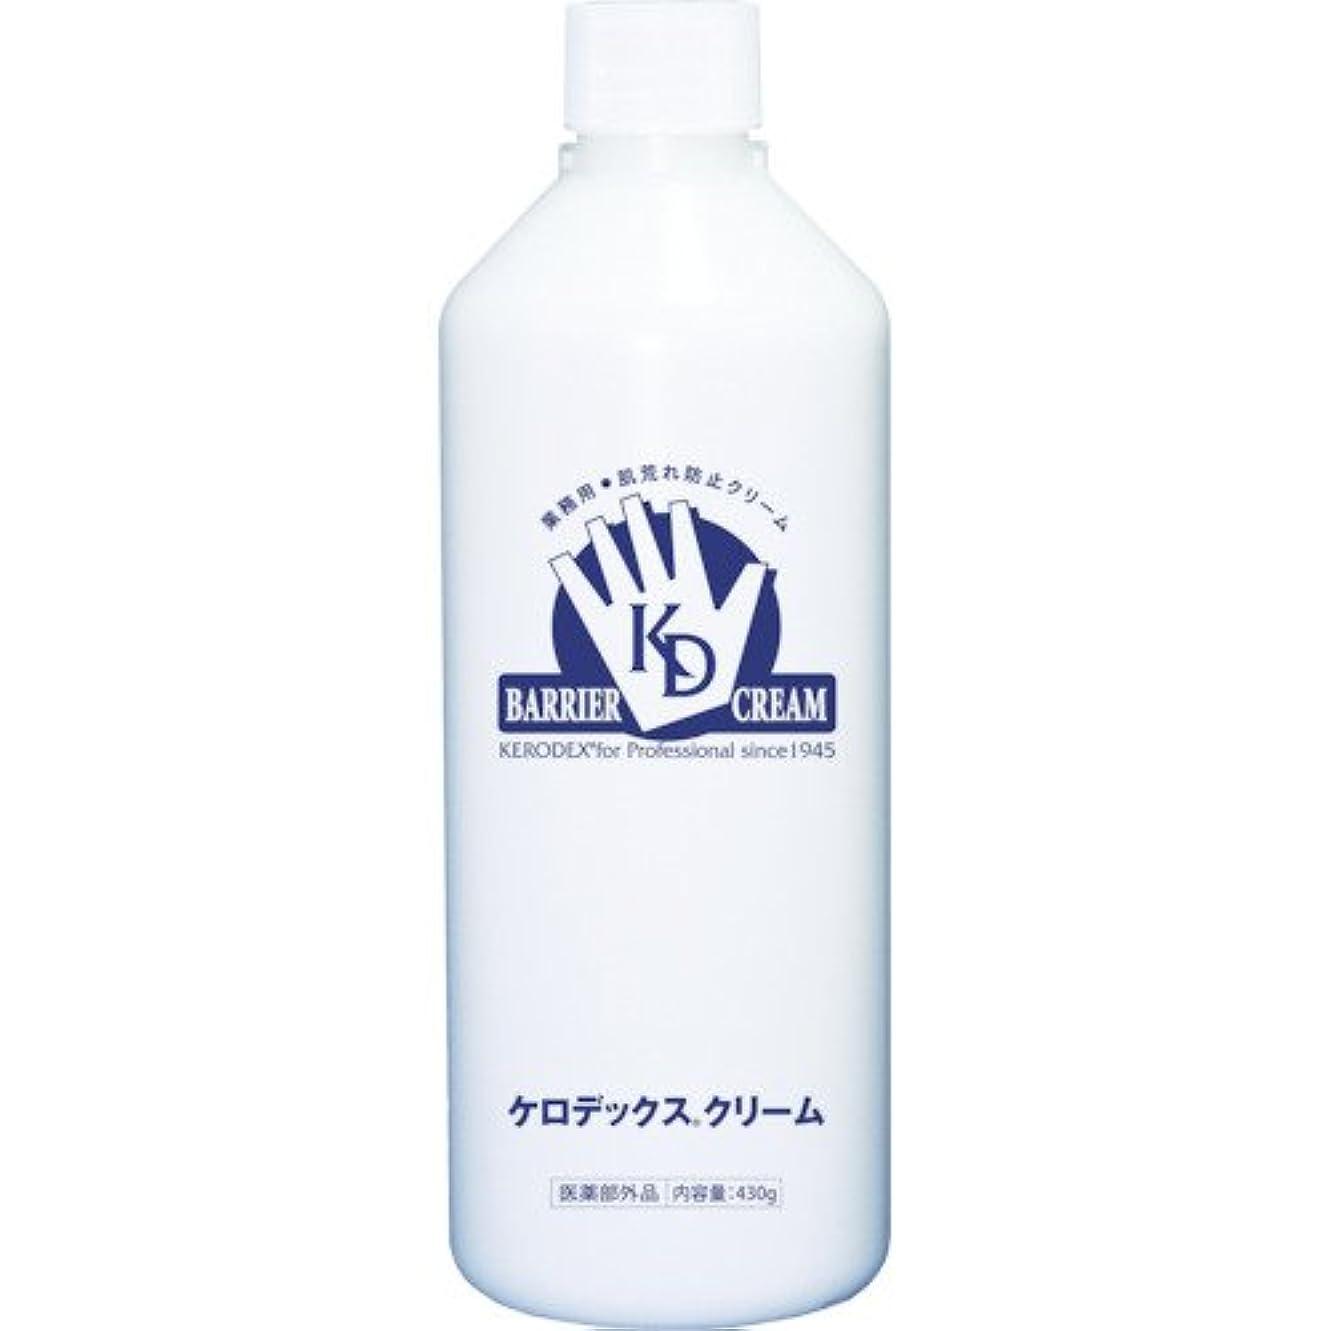 登る古代複数ケロデックスクリーム ボトルタイプ 詰替用 430g